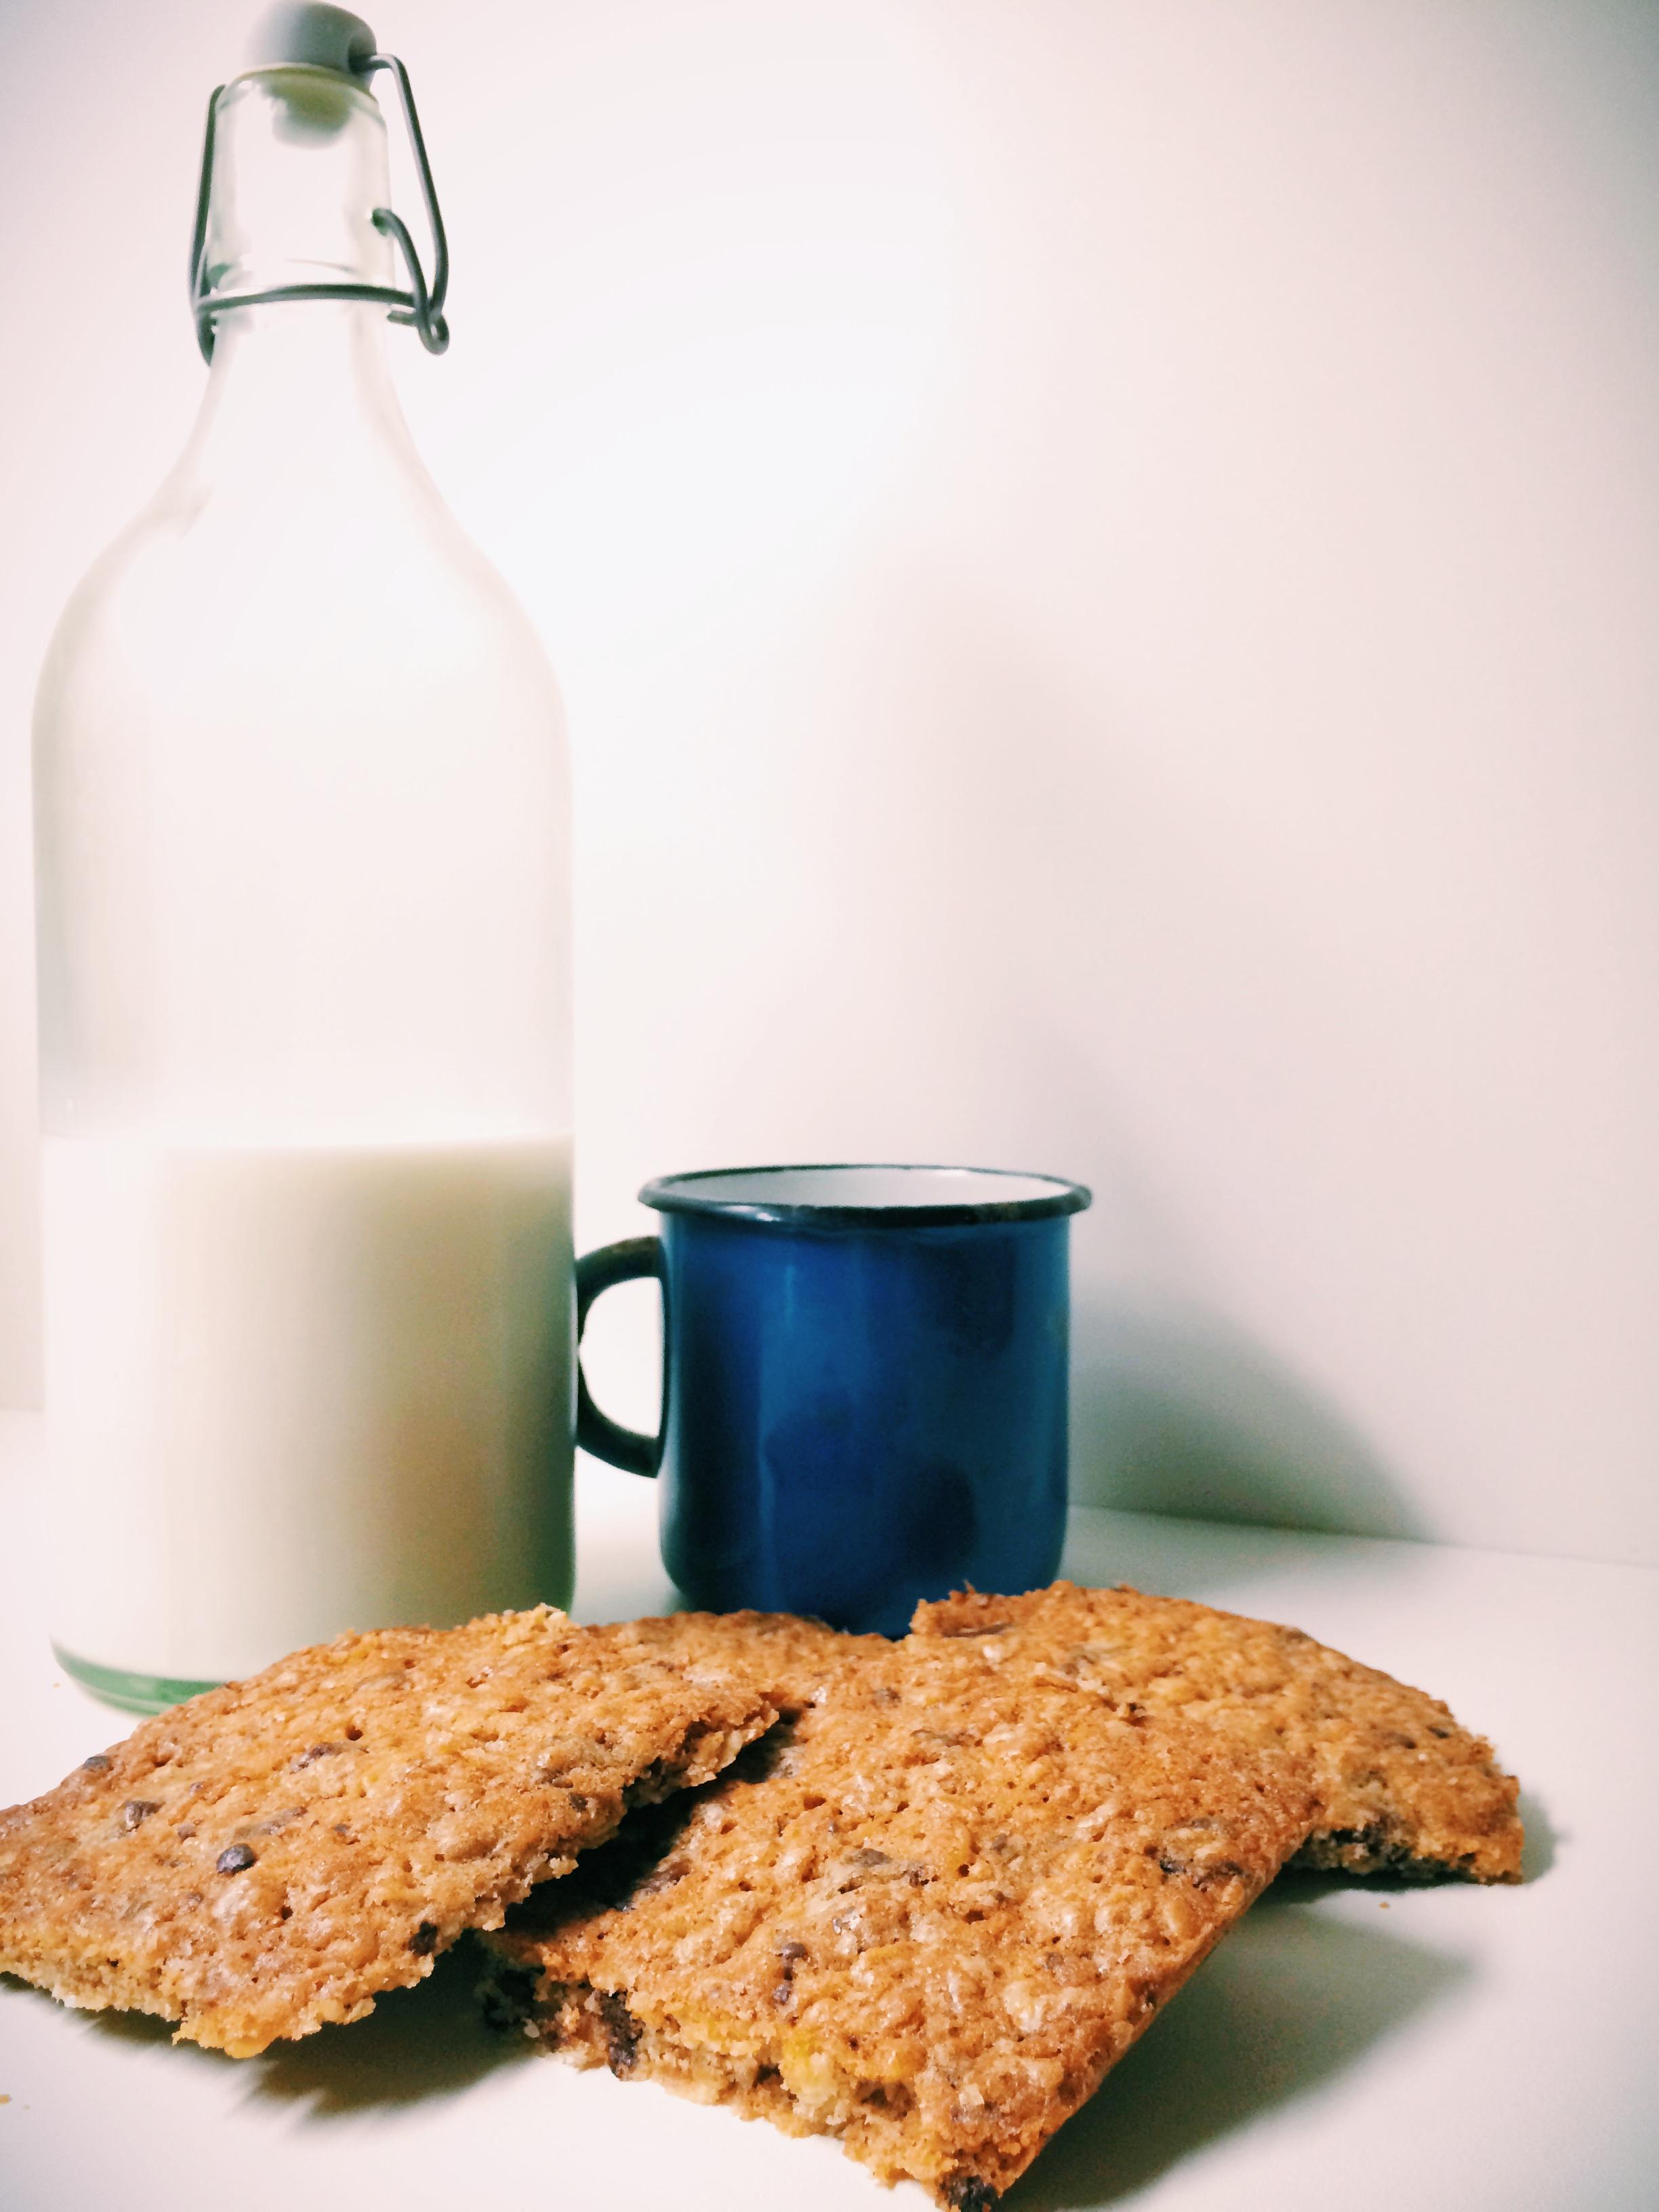 Wer sagt eigentlich, dass Cookies immer rund sein müssen?